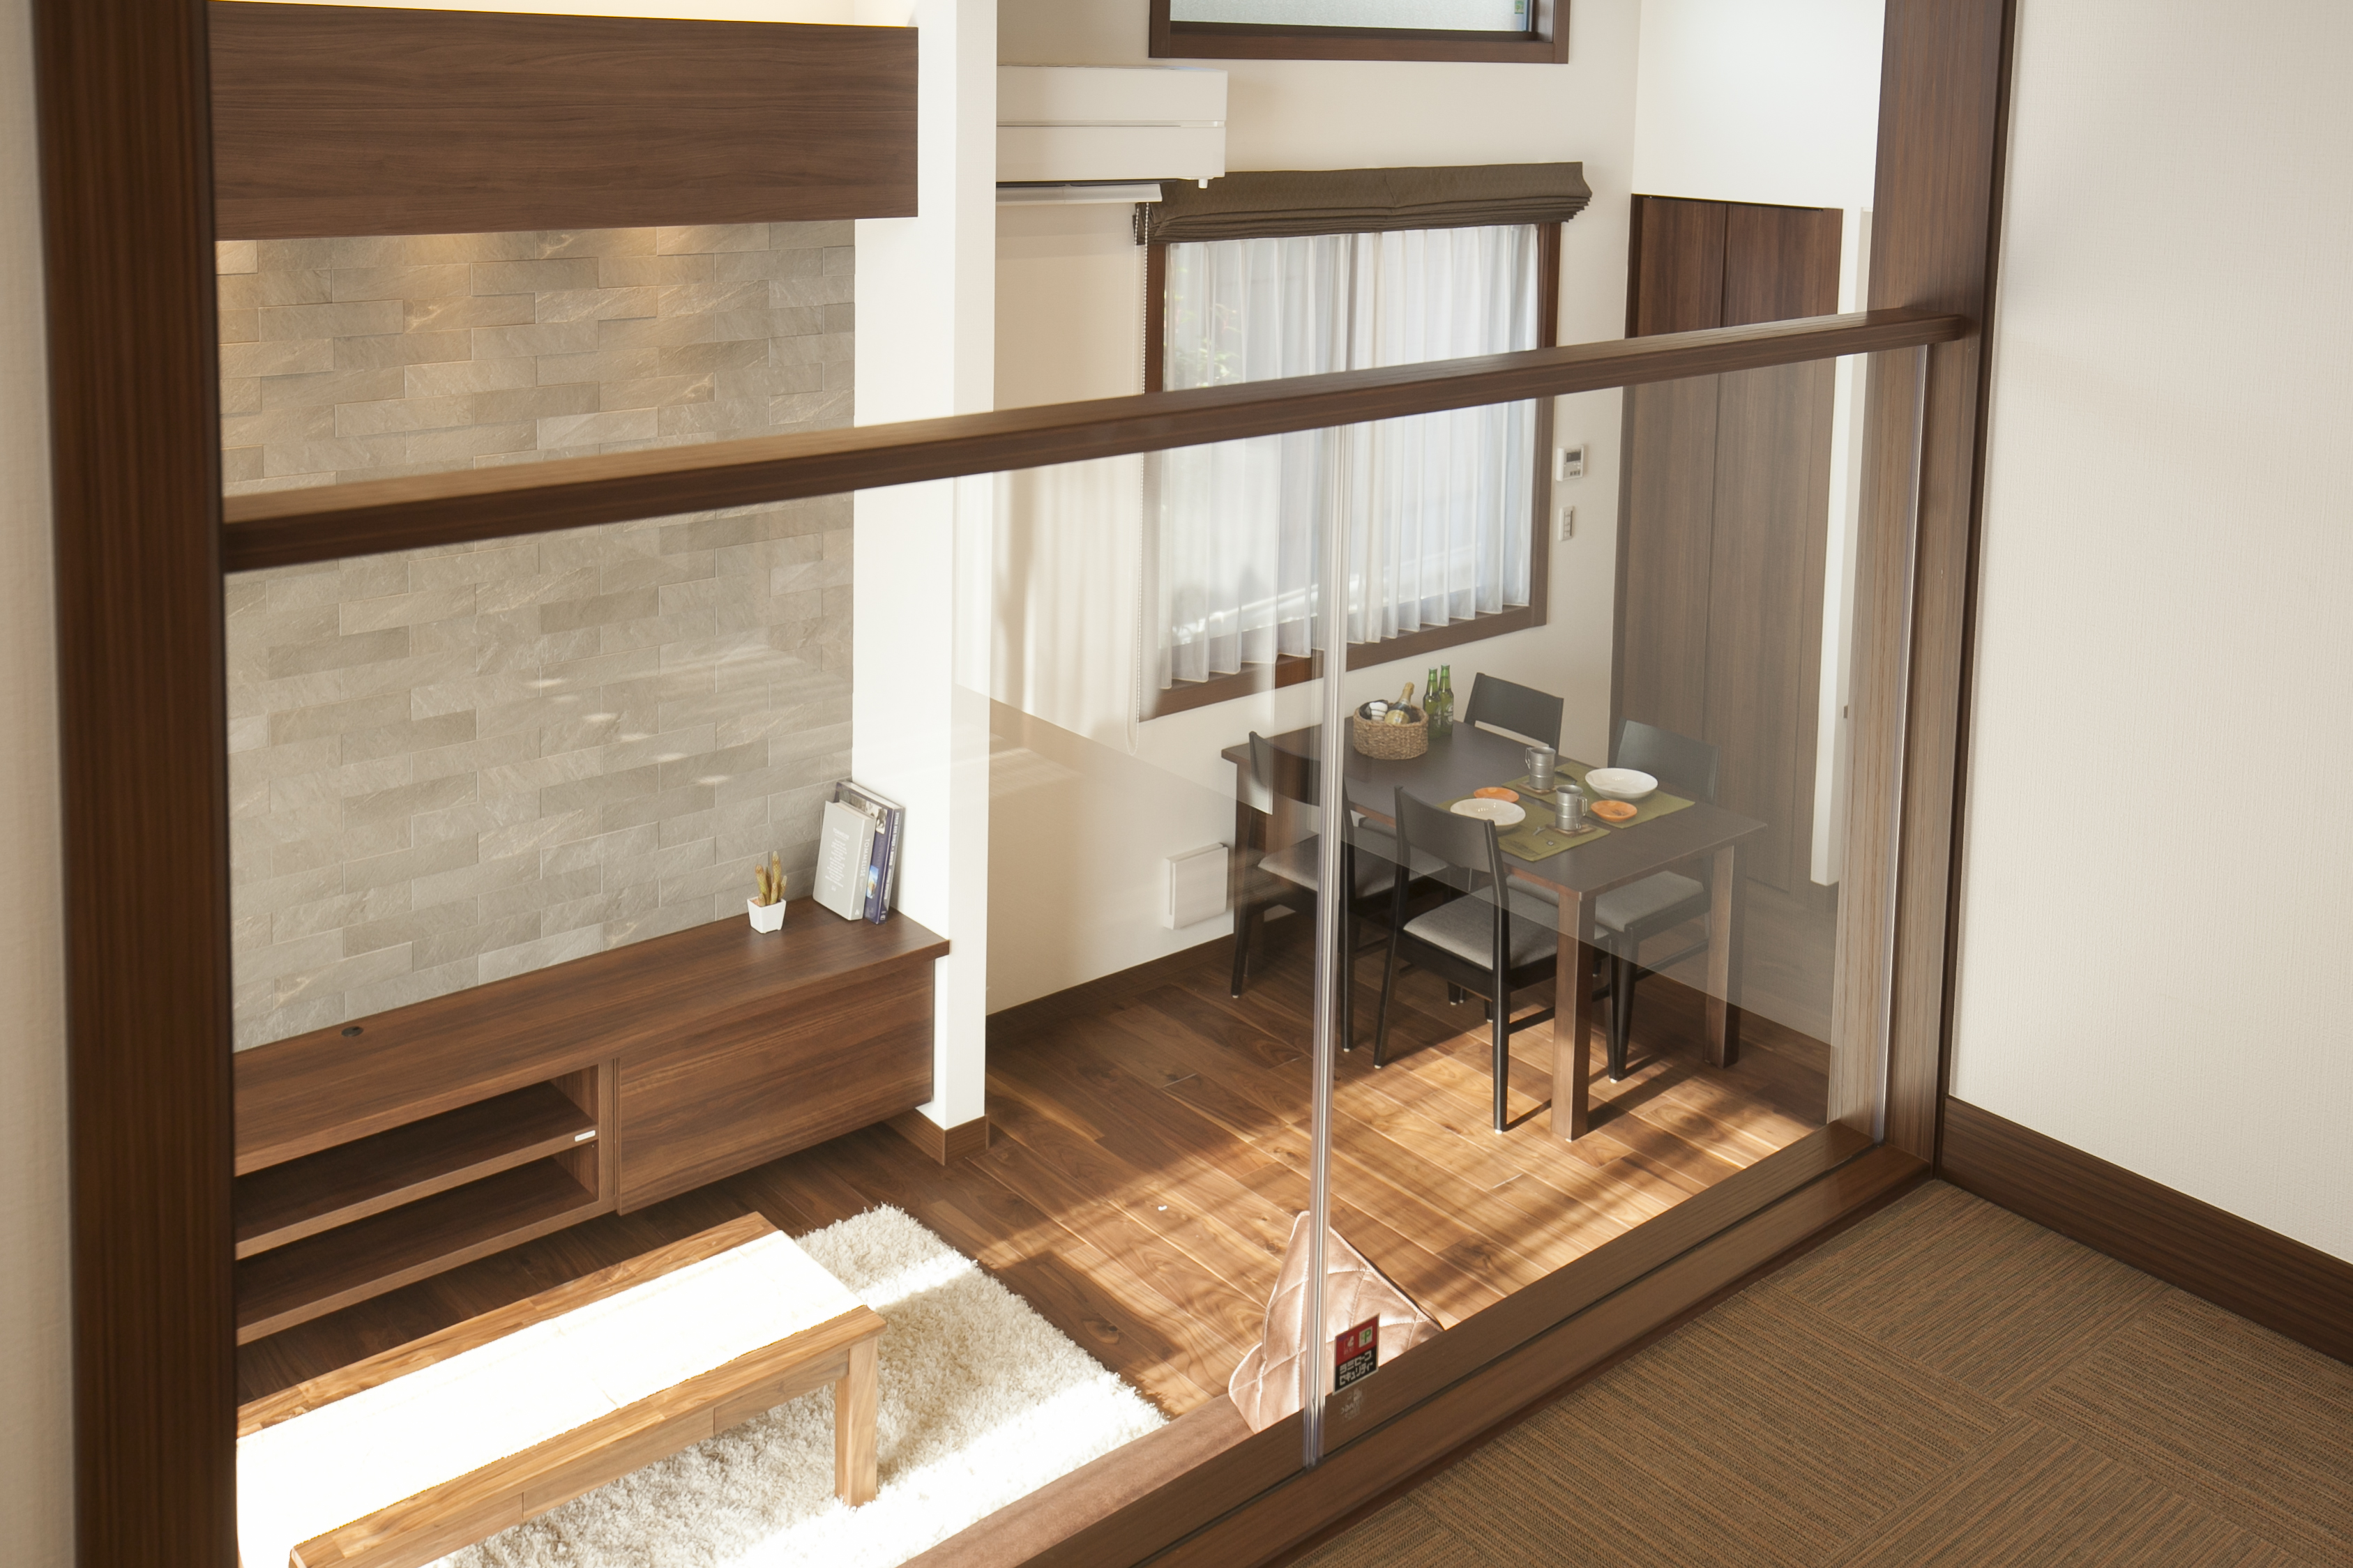 ミサワホーム静岡【デザイン住宅、収納力、スキップフロア】「蔵」の上には、1階とコミュニケーションがとりやすい1.5階の居室が。 1階のリビングを高天井とすることができるため、とても開放的